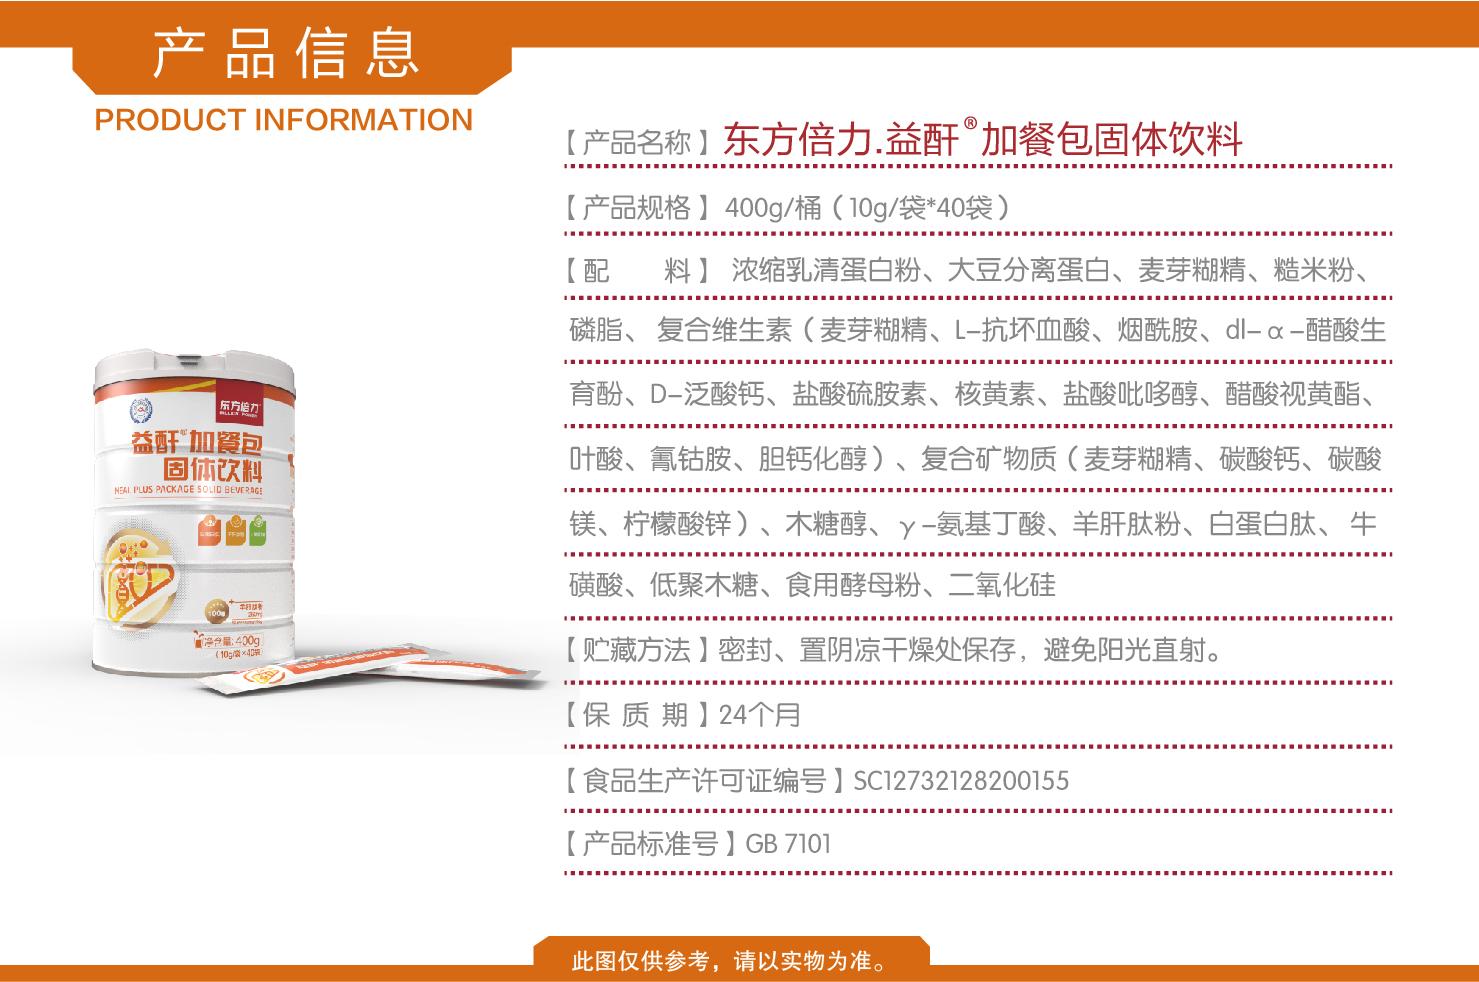 網站產品圖-01